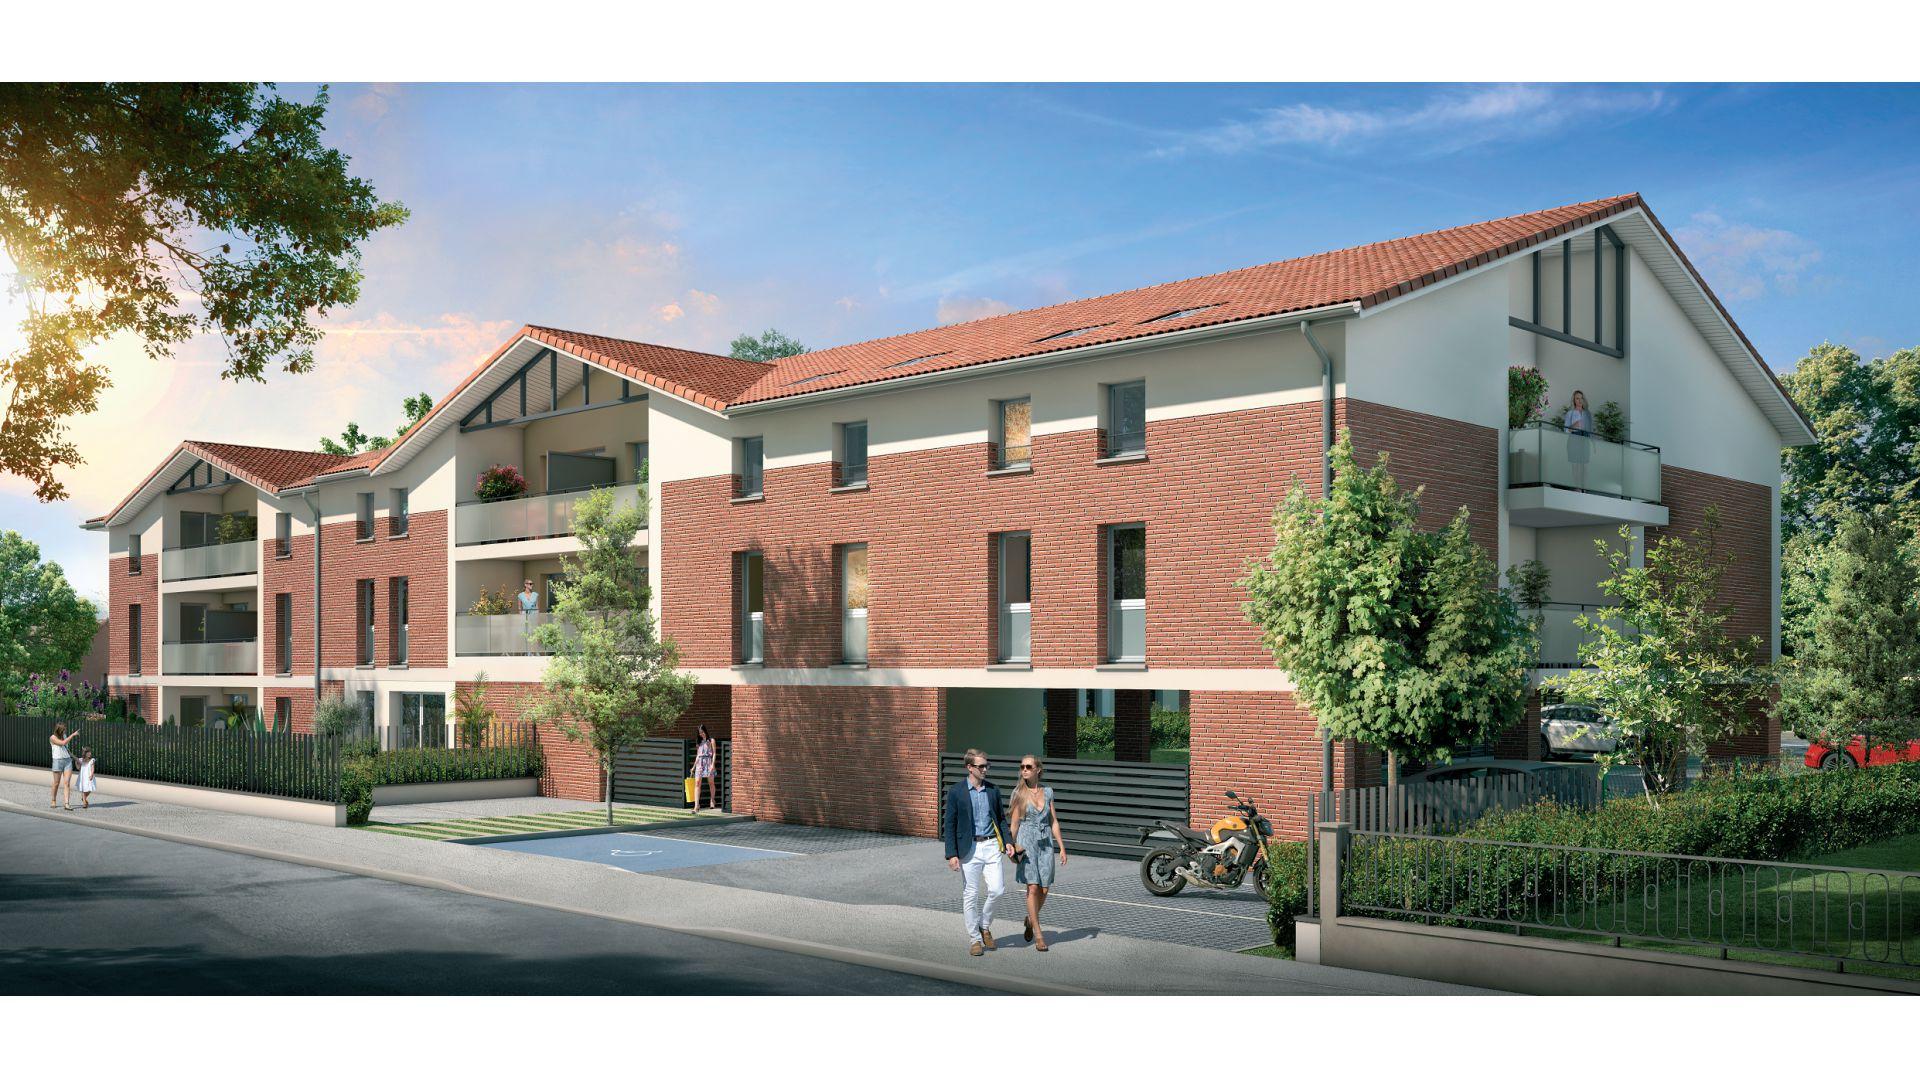 GreenCity immobilier - Fenouillet 31150 - Carré des Muses - appartement du T1 au T3